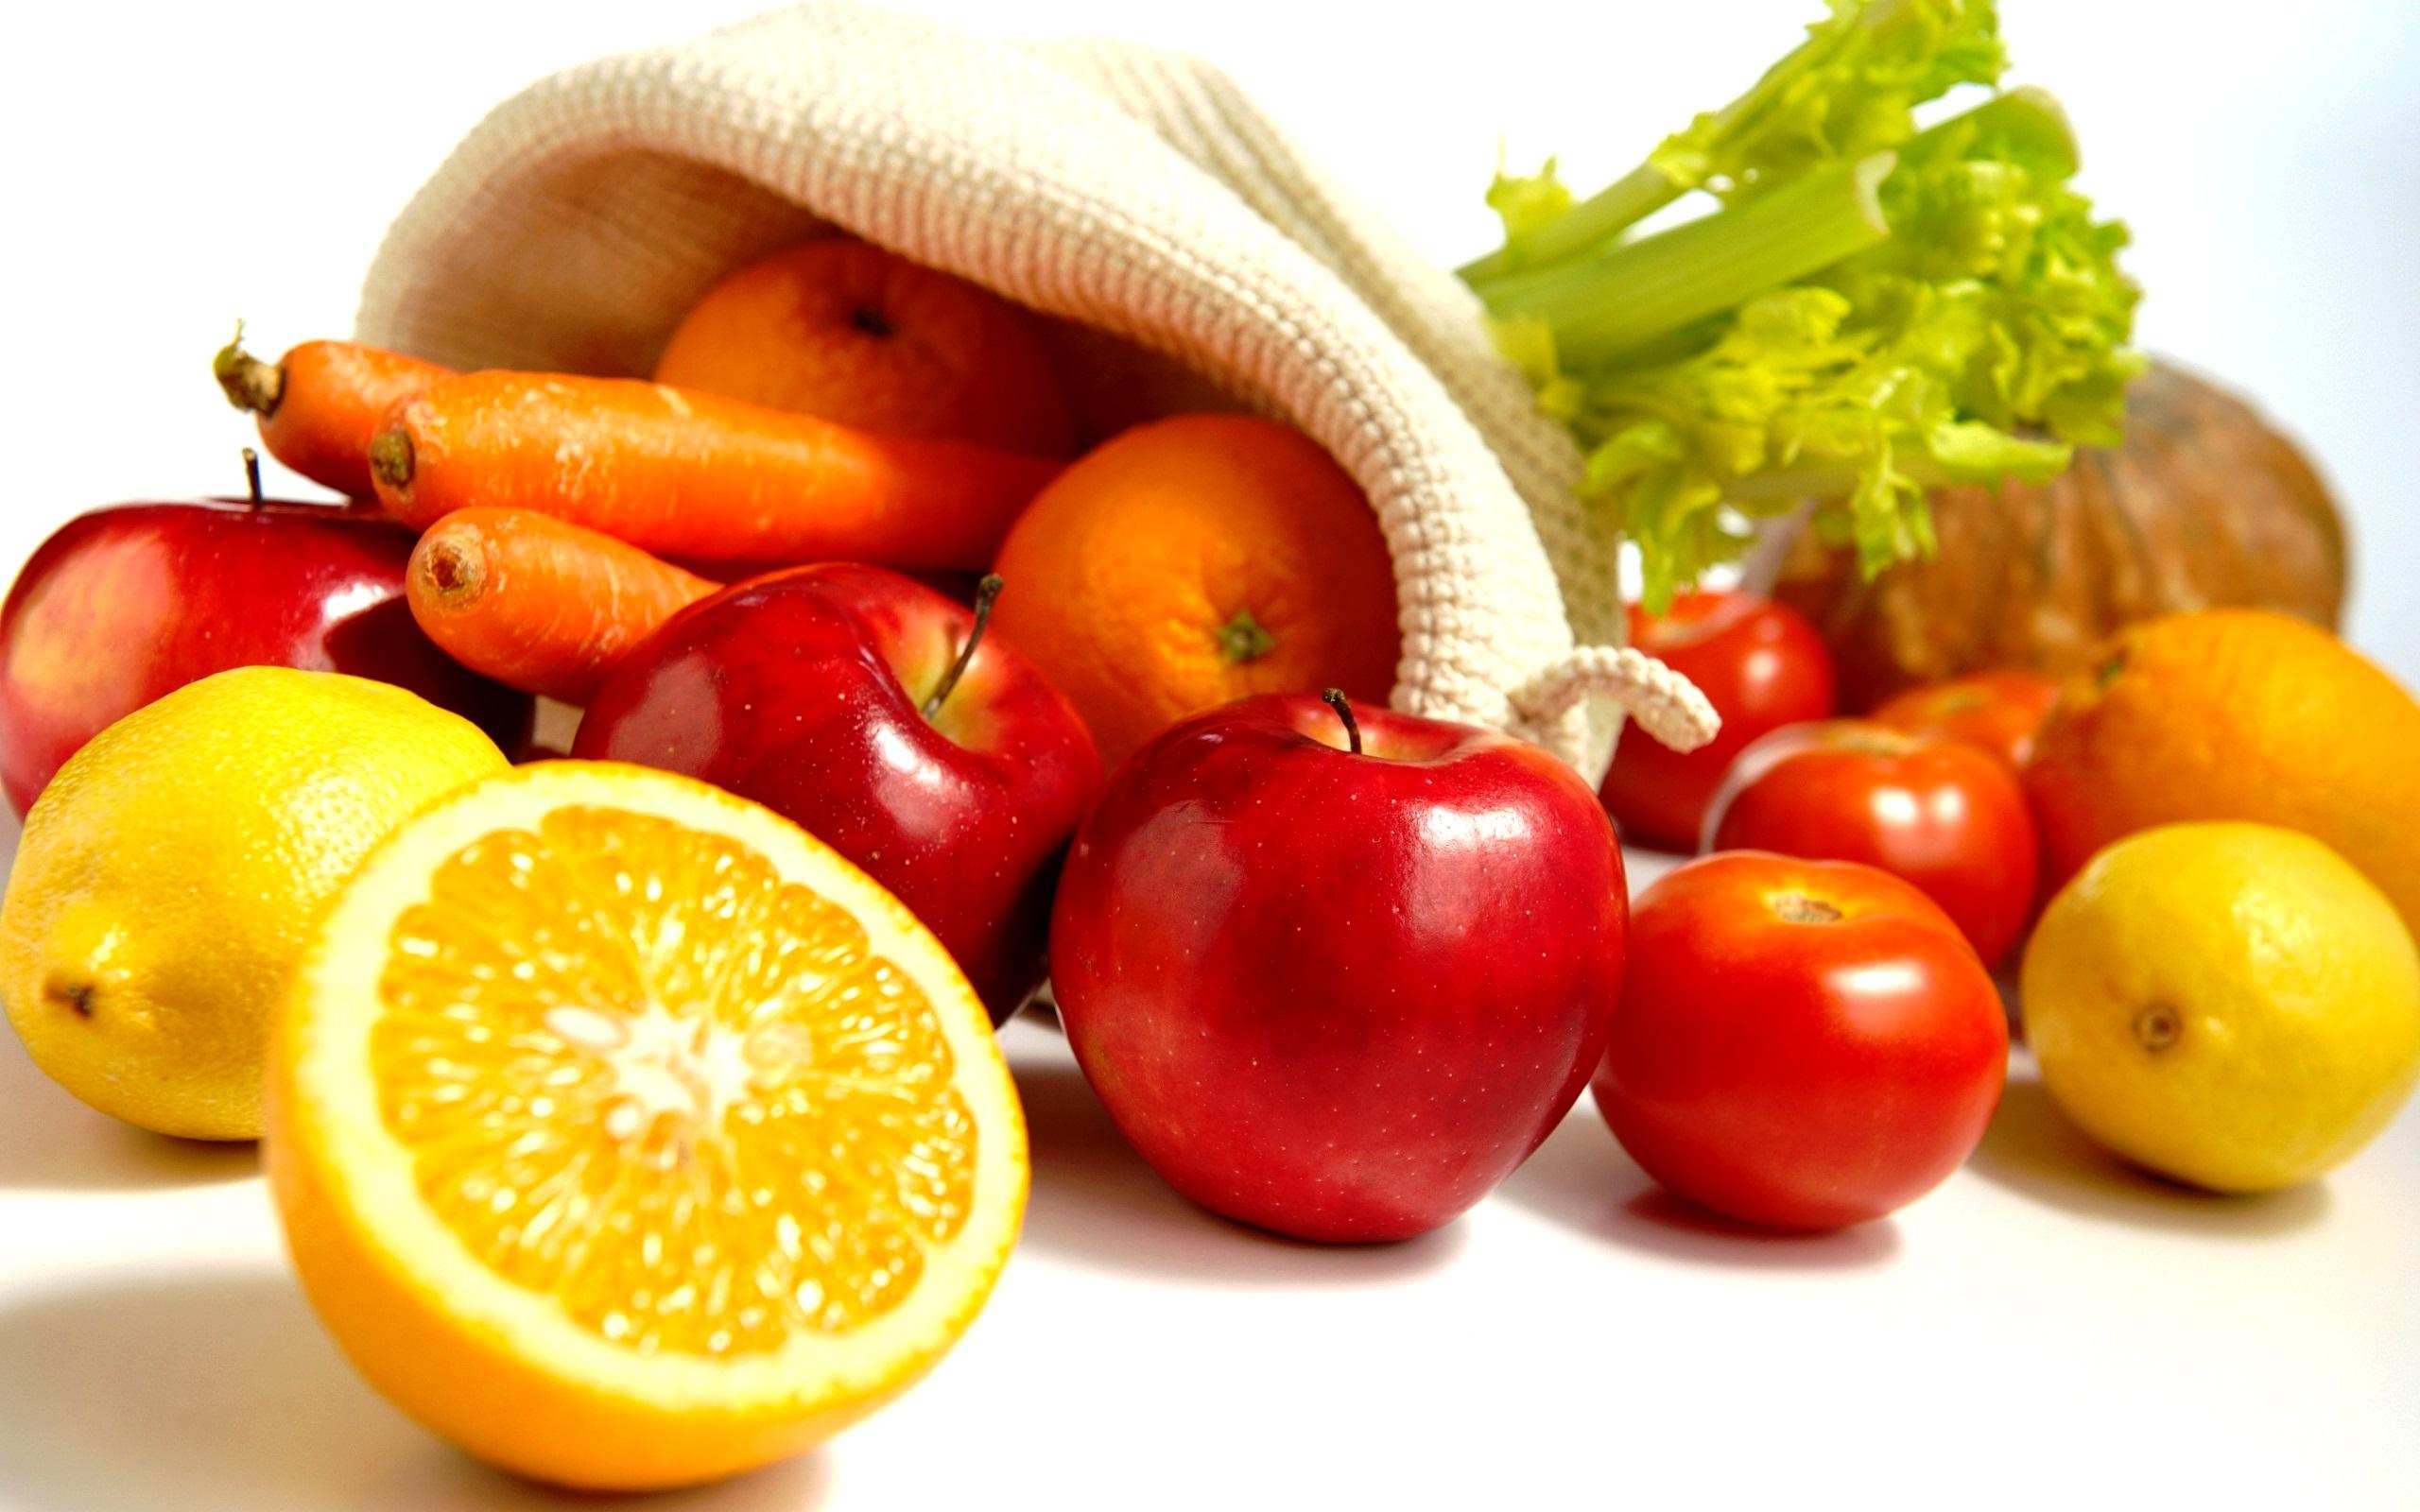 Parásitos en alimentos